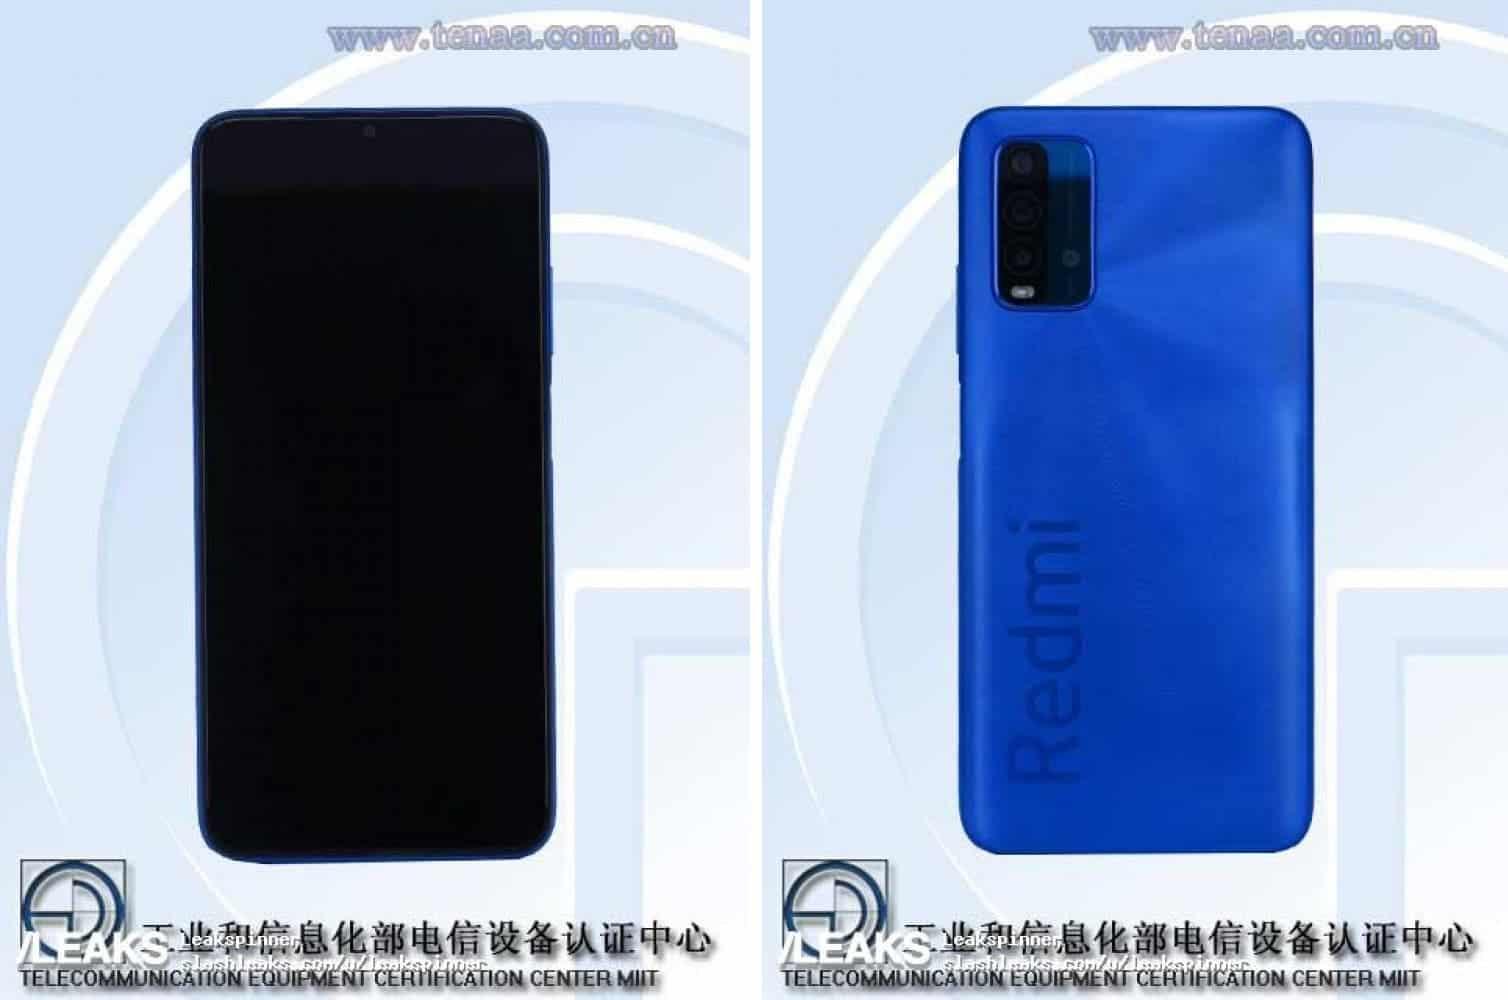 В сеть слили характеристики и изображения смартфона Redmi Note 10 (Redmi Note 10 2)